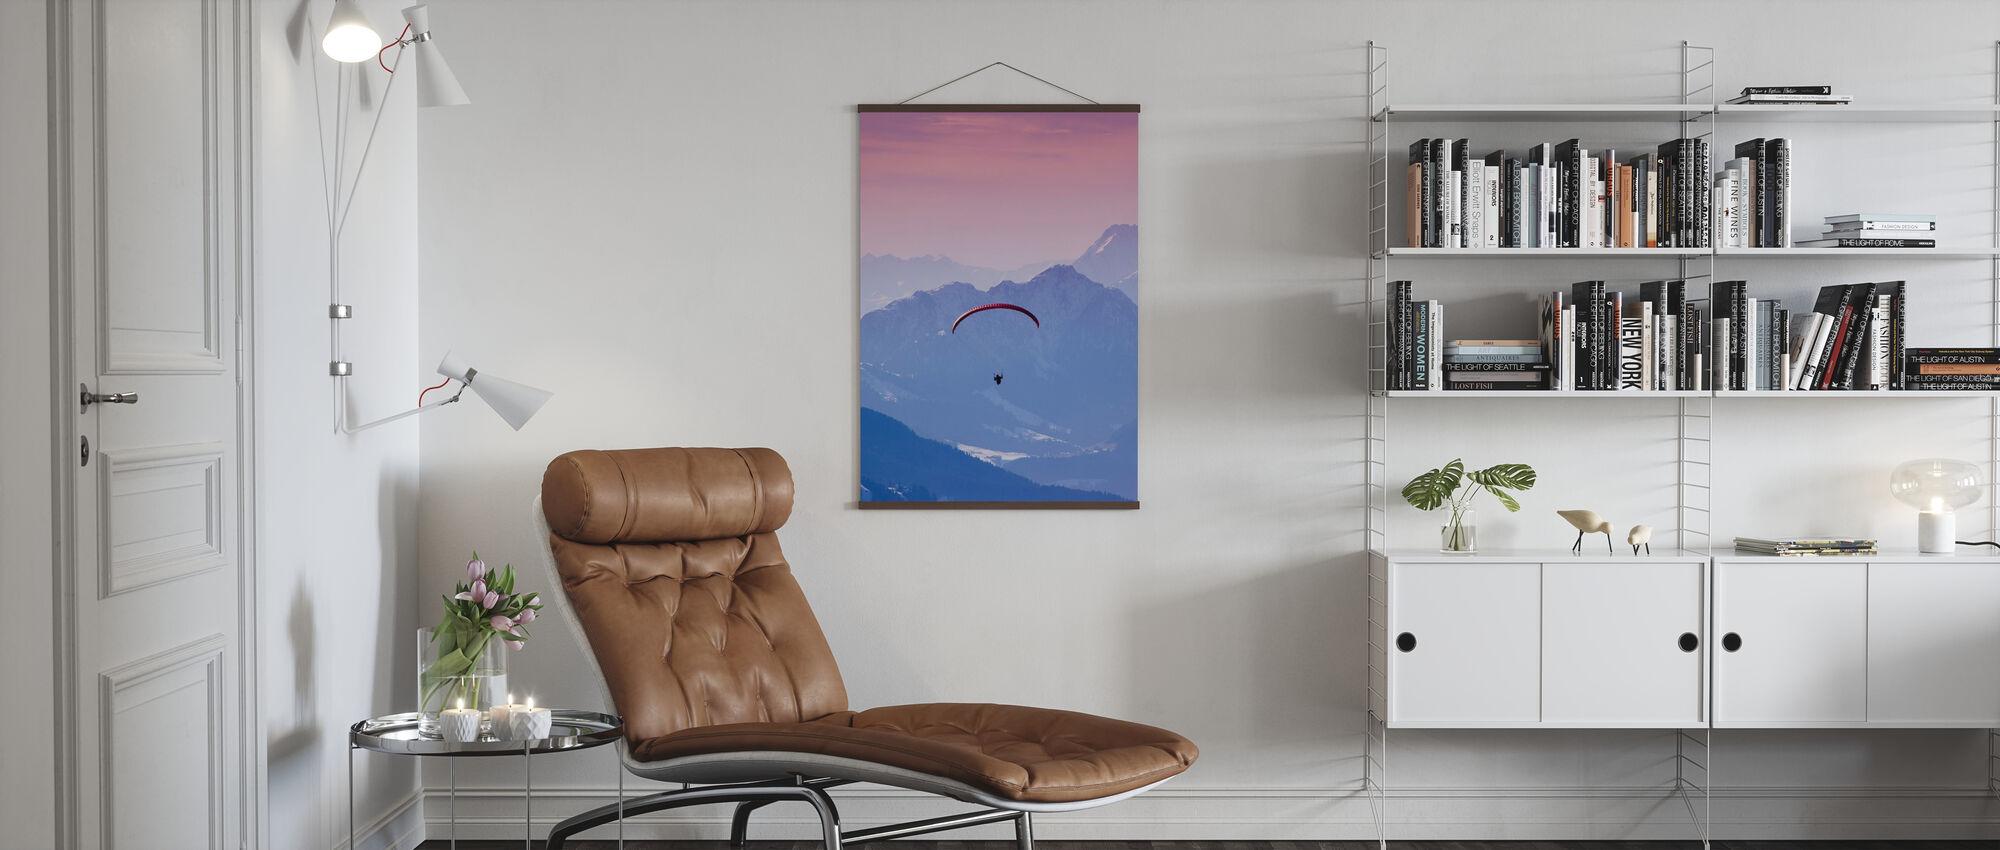 Kite i Hopfgarten, Østerrike - Plakat - Stue